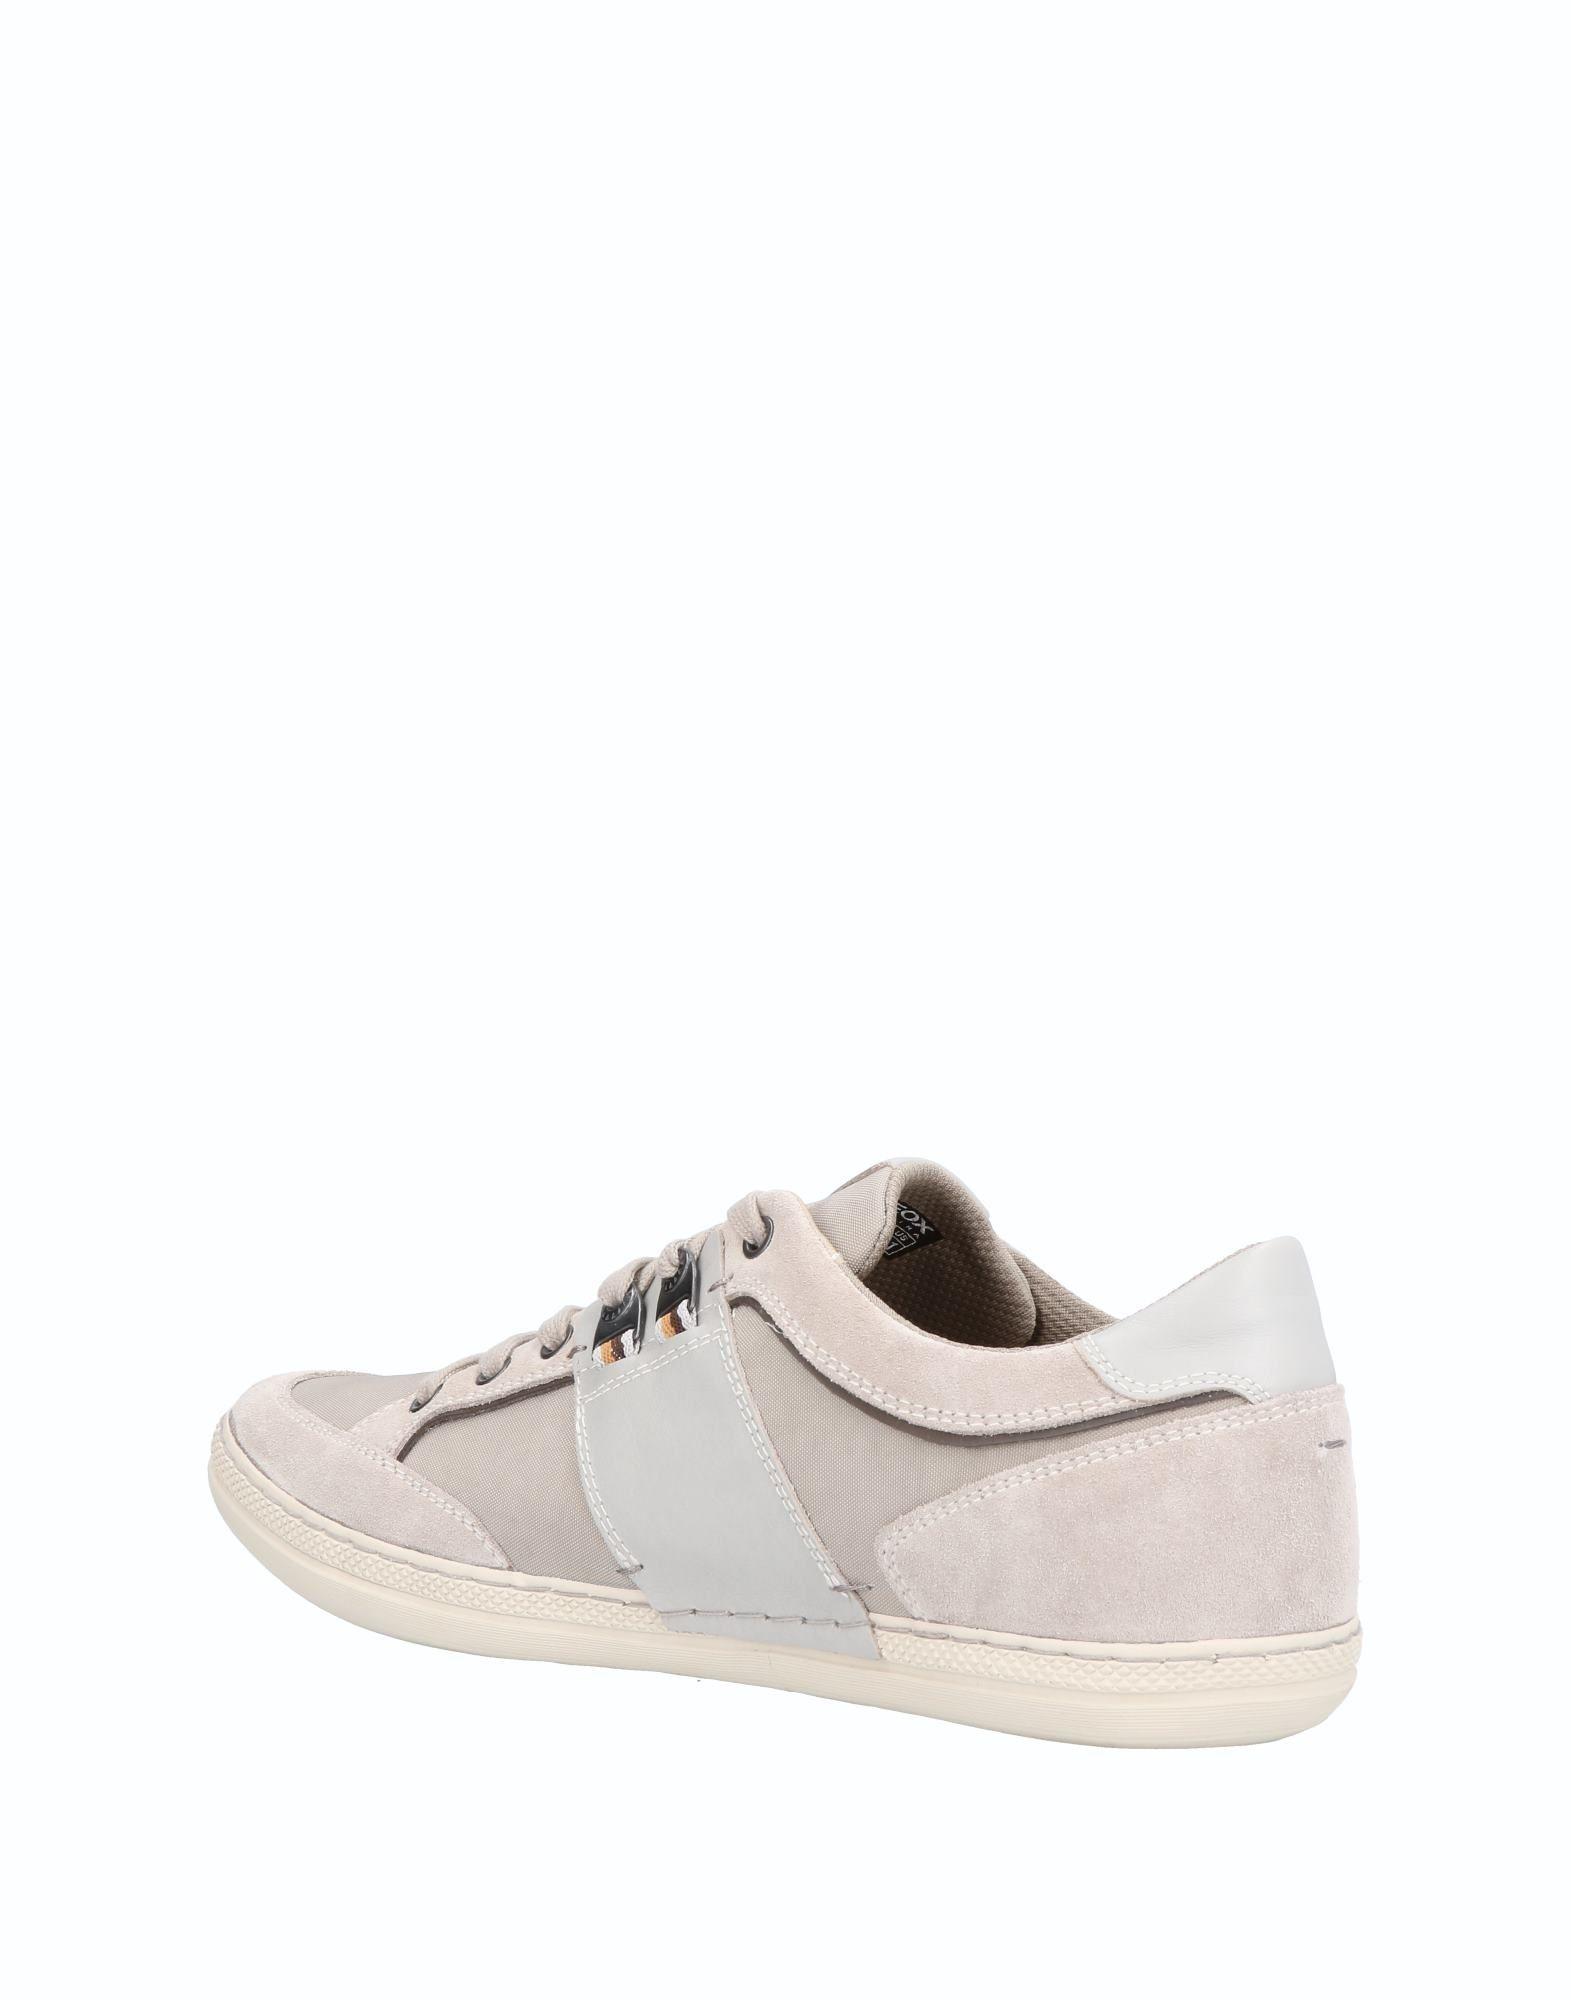 Rabatt echte 11198455ED Schuhe Geox Sneakers Herren  11198455ED echte c96bef